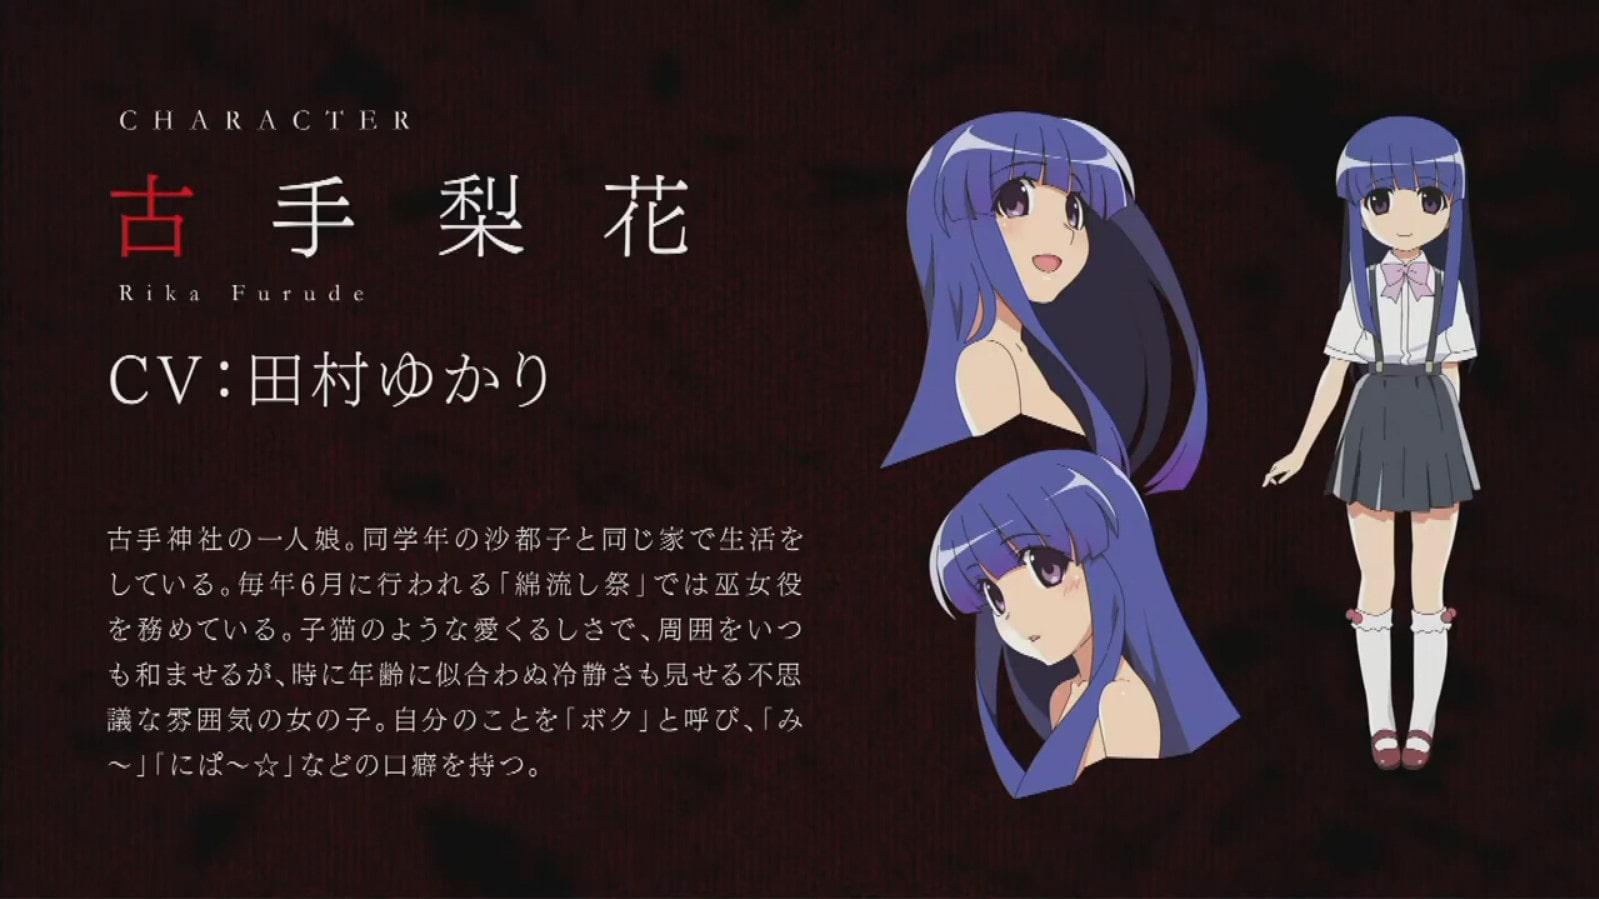 Rika Furude interpretada por Yukari Tamura. Nuevo PV Higurashi no Naku Koro Ni (When They Cry) 2020